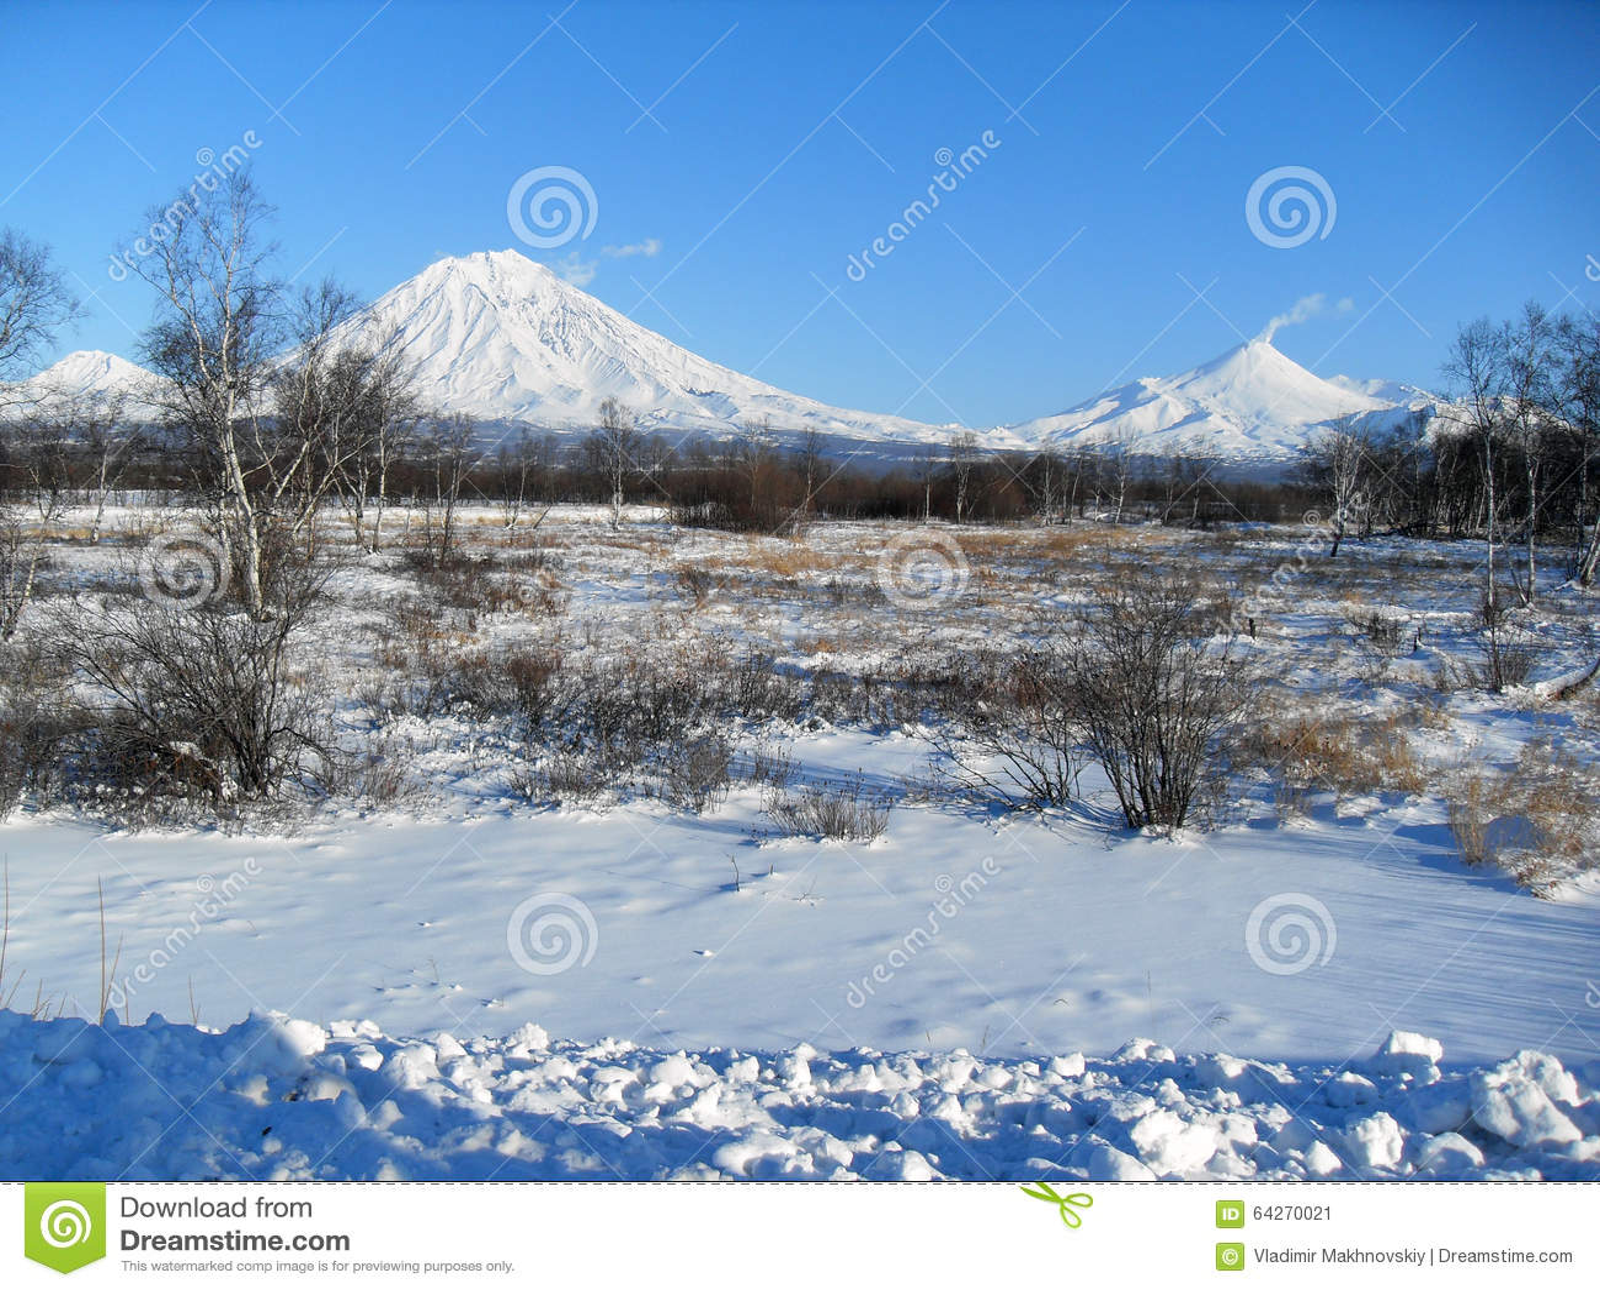 Koryak and Avacha volcanoes